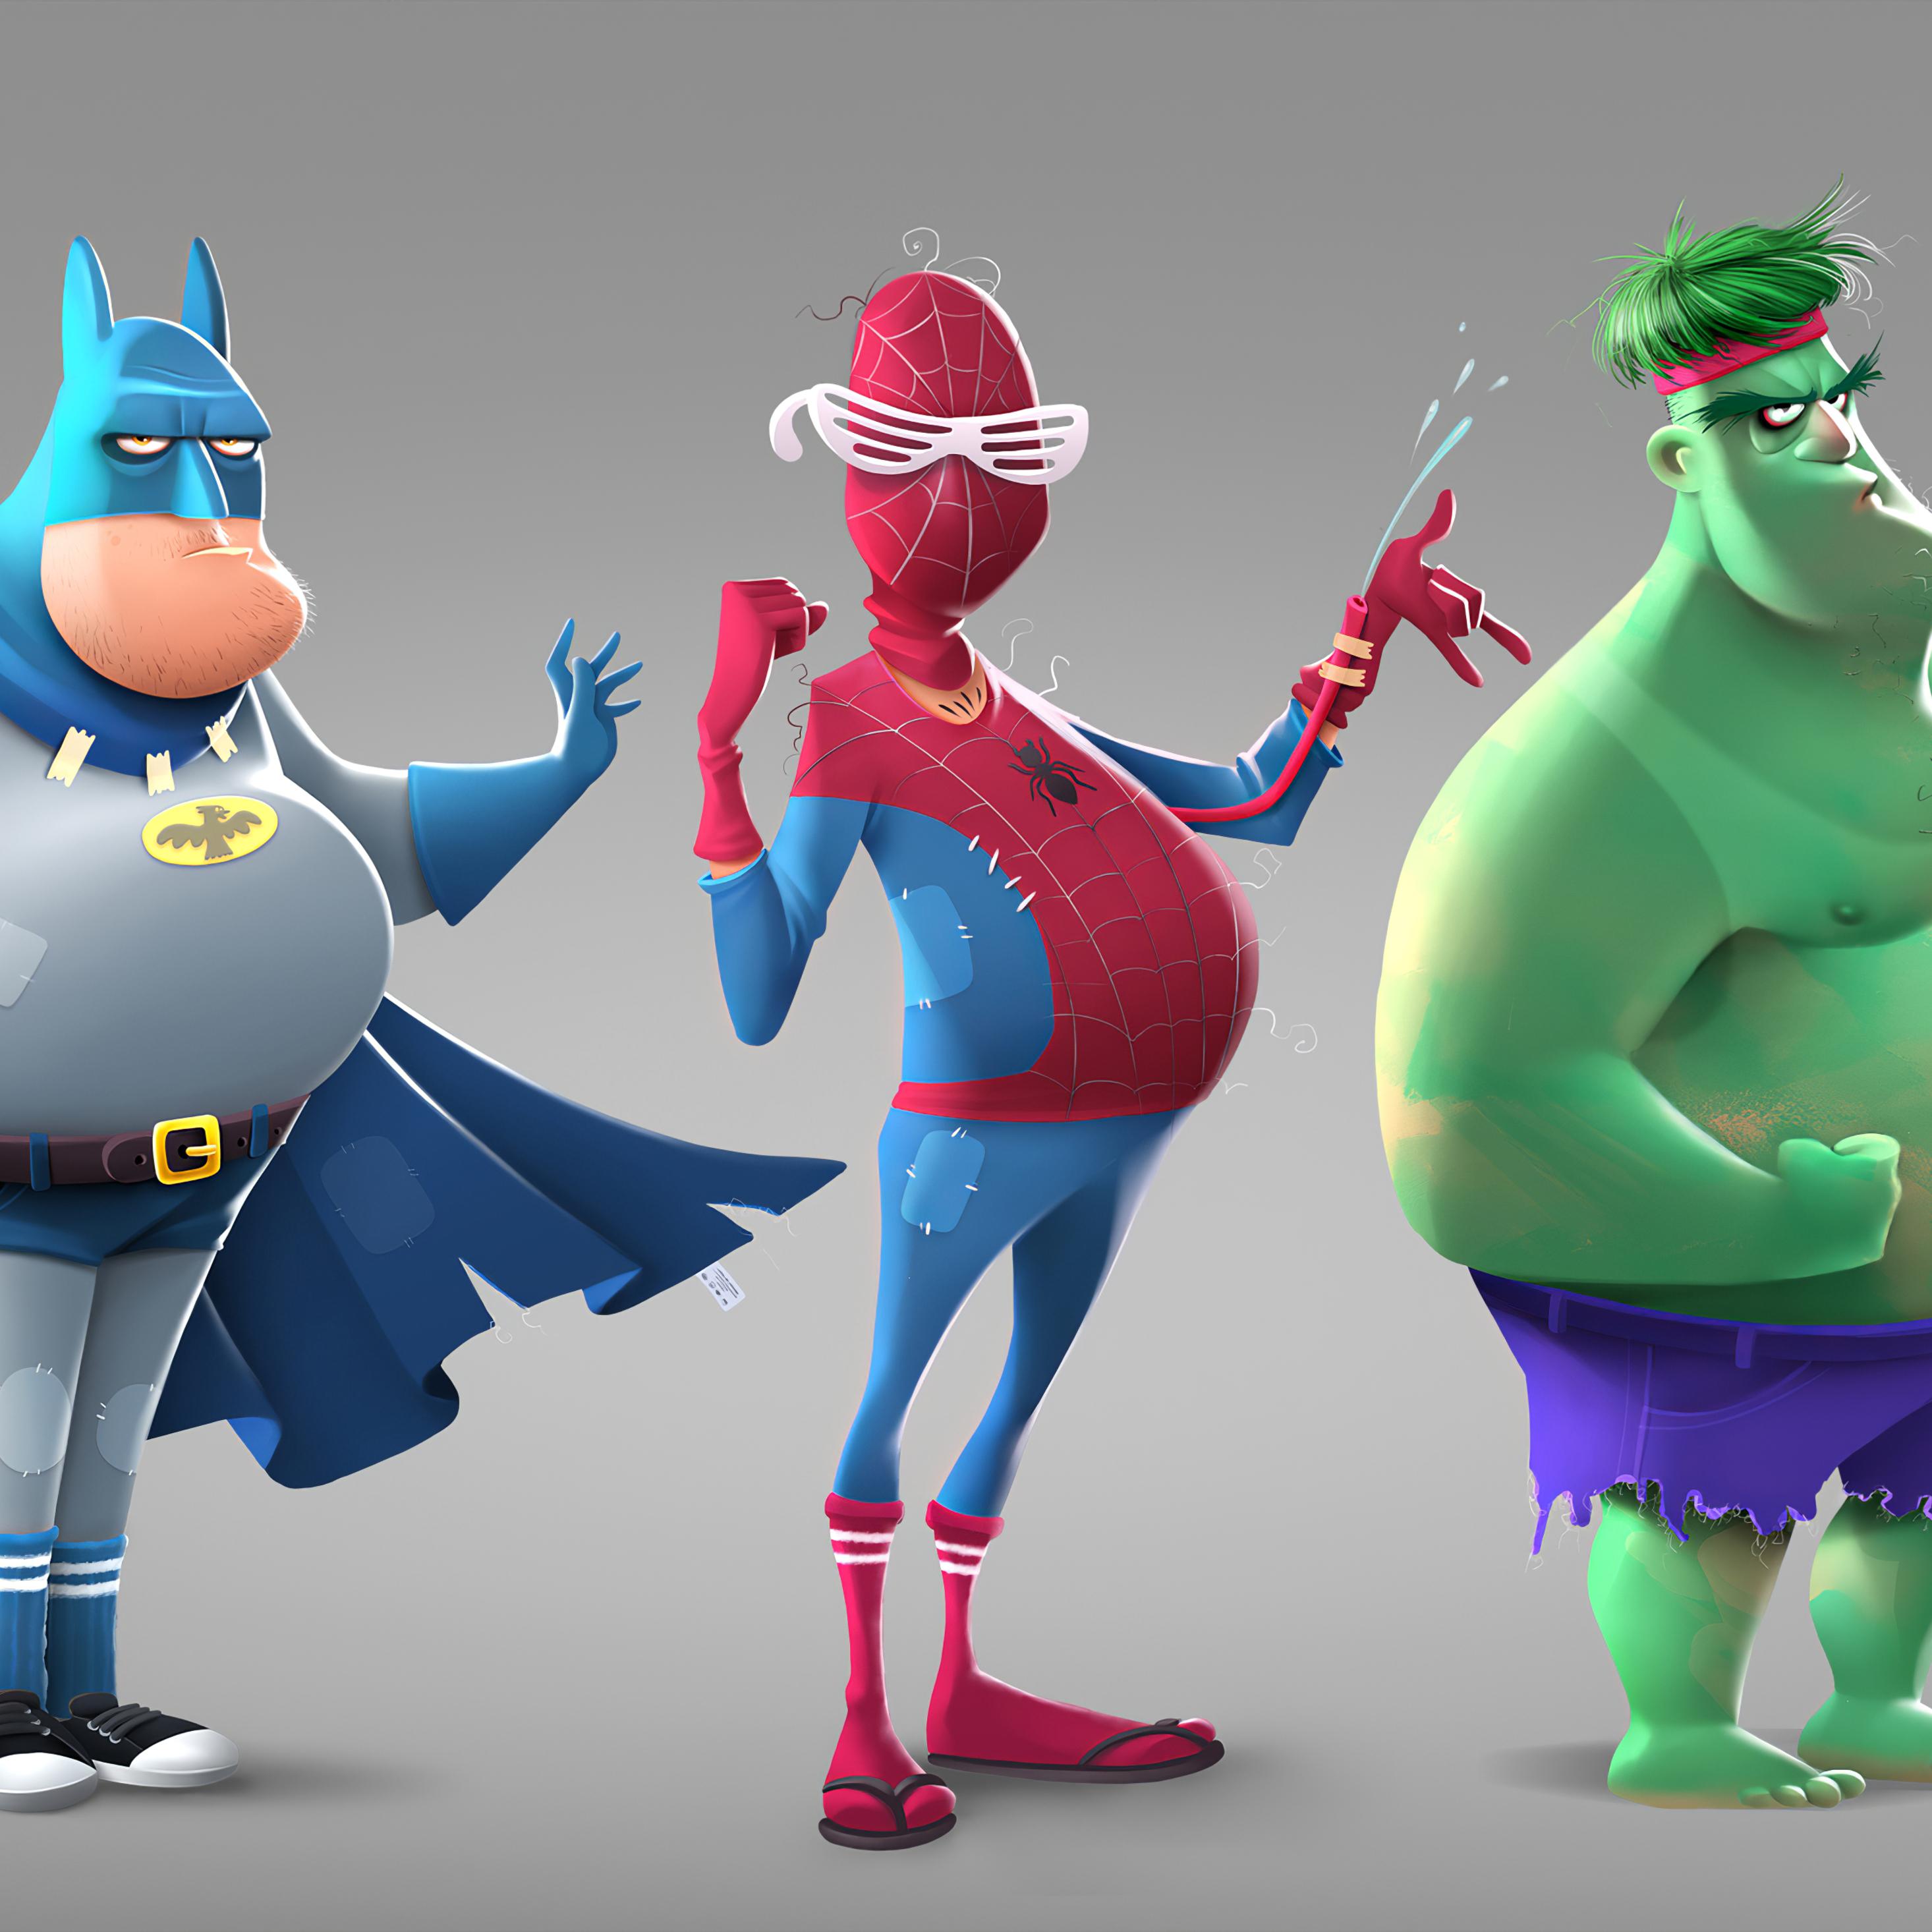 batman-spiderman-hulk-fat-9u.jpg